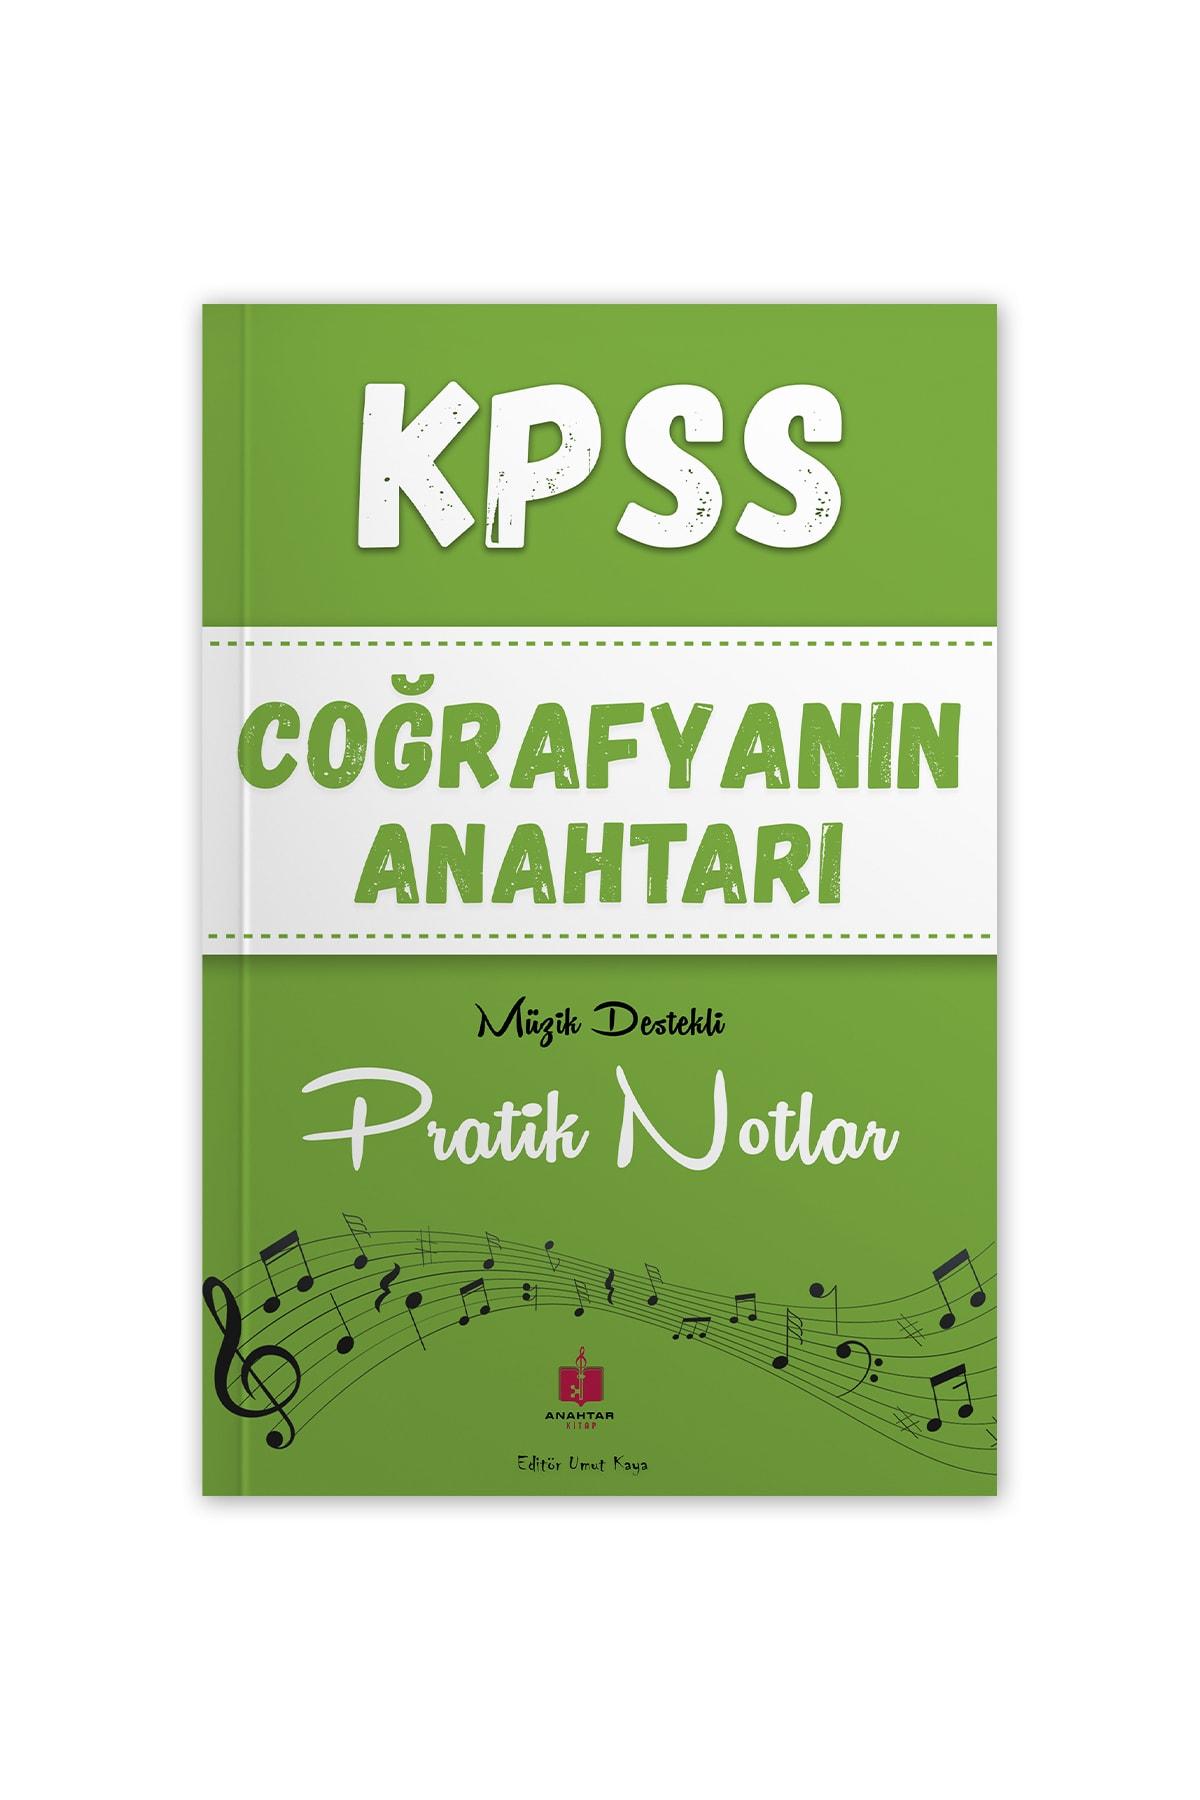 Kpss Coğrafyanın Anahtarı Müzik Destekli Pratik Notlar